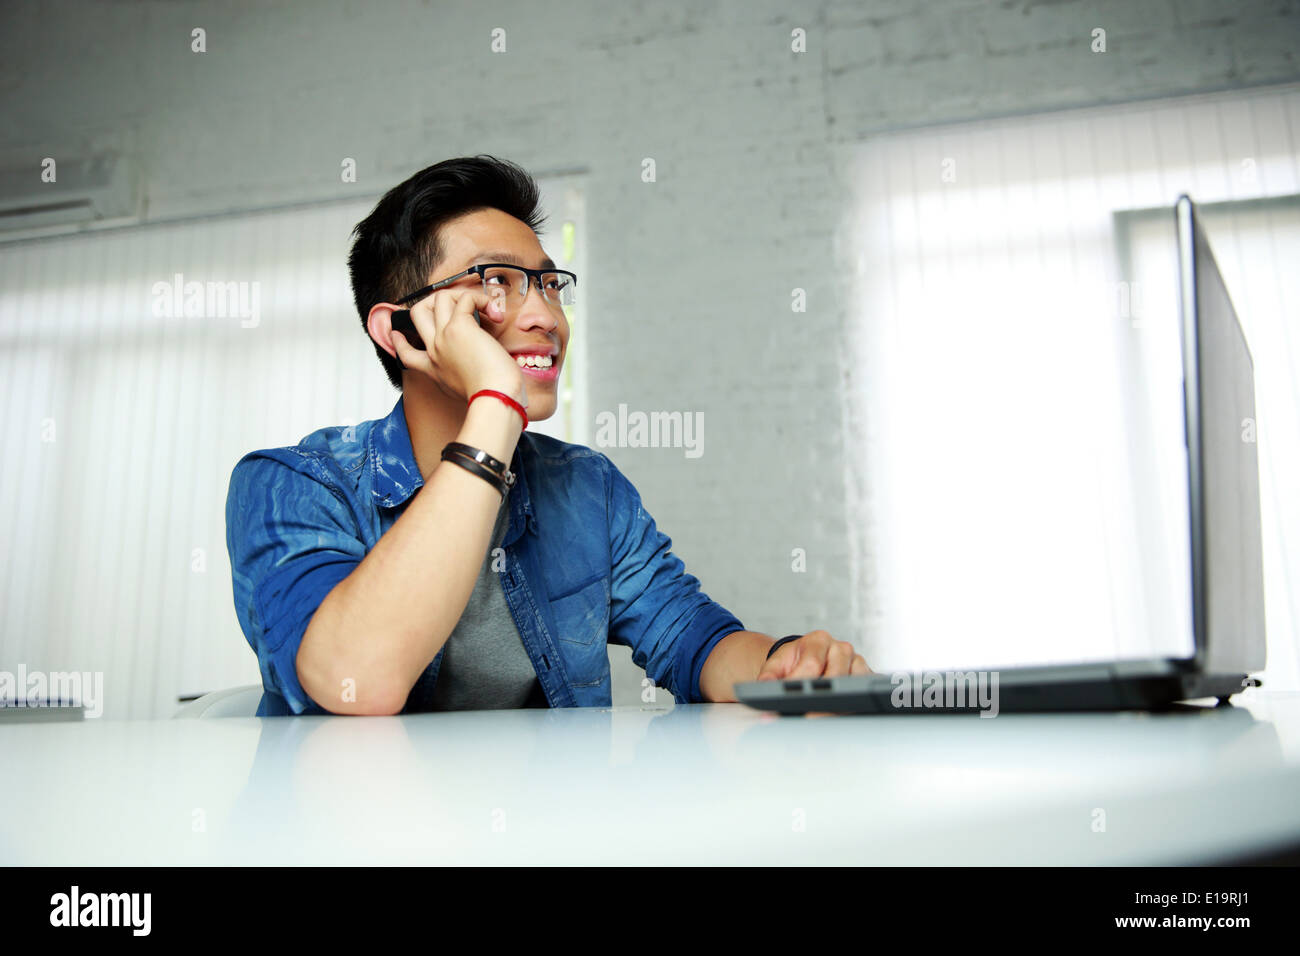 Glücklich asiatischer Mann sitzt an seinem Arbeitsplatz im Büro und am Telefon sprechen Stockbild